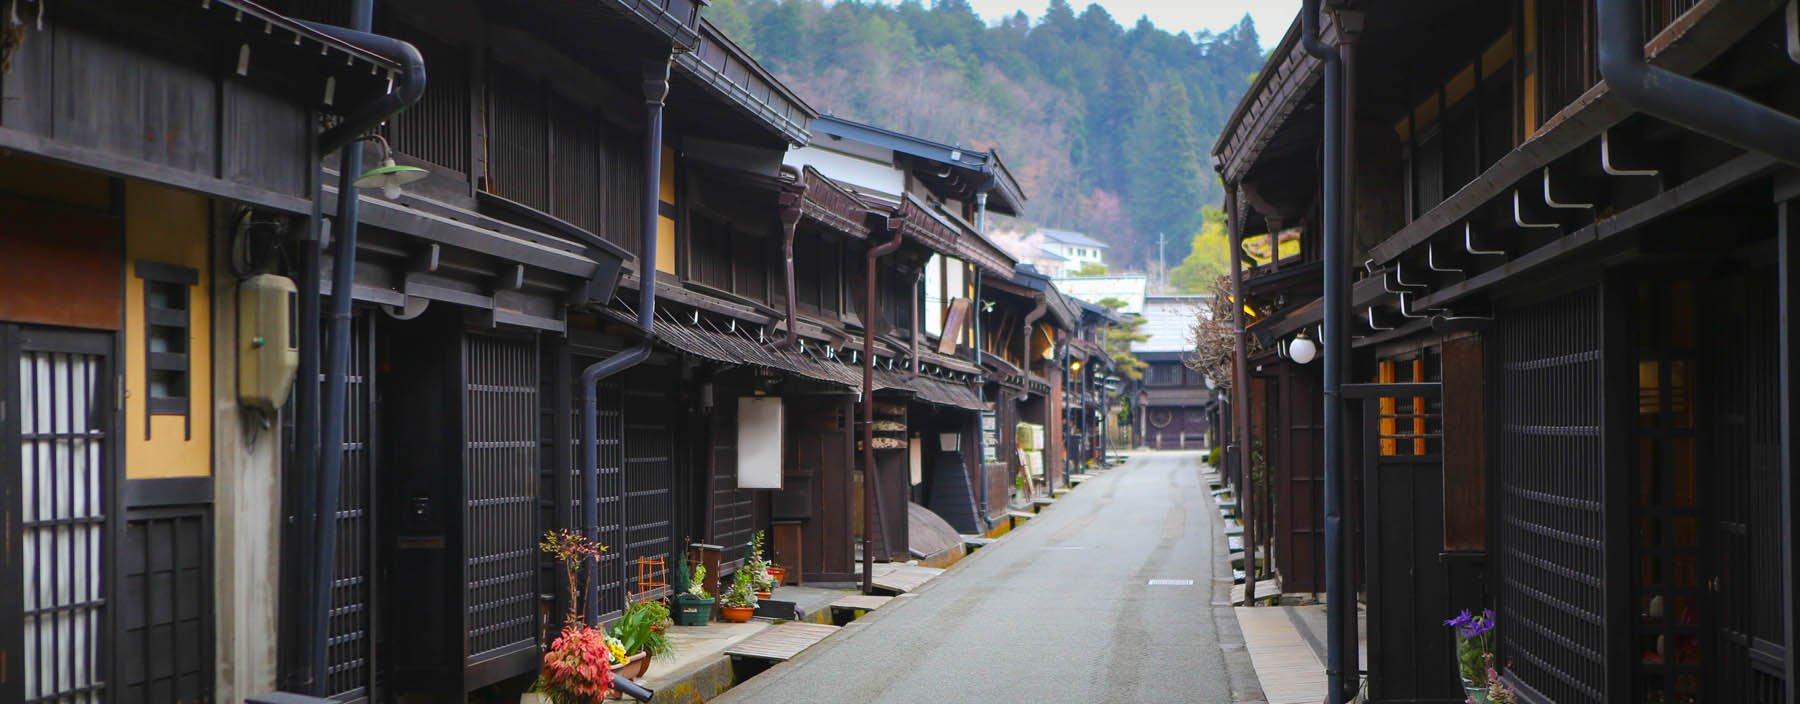 jp, takayama, oude centrum.jpg